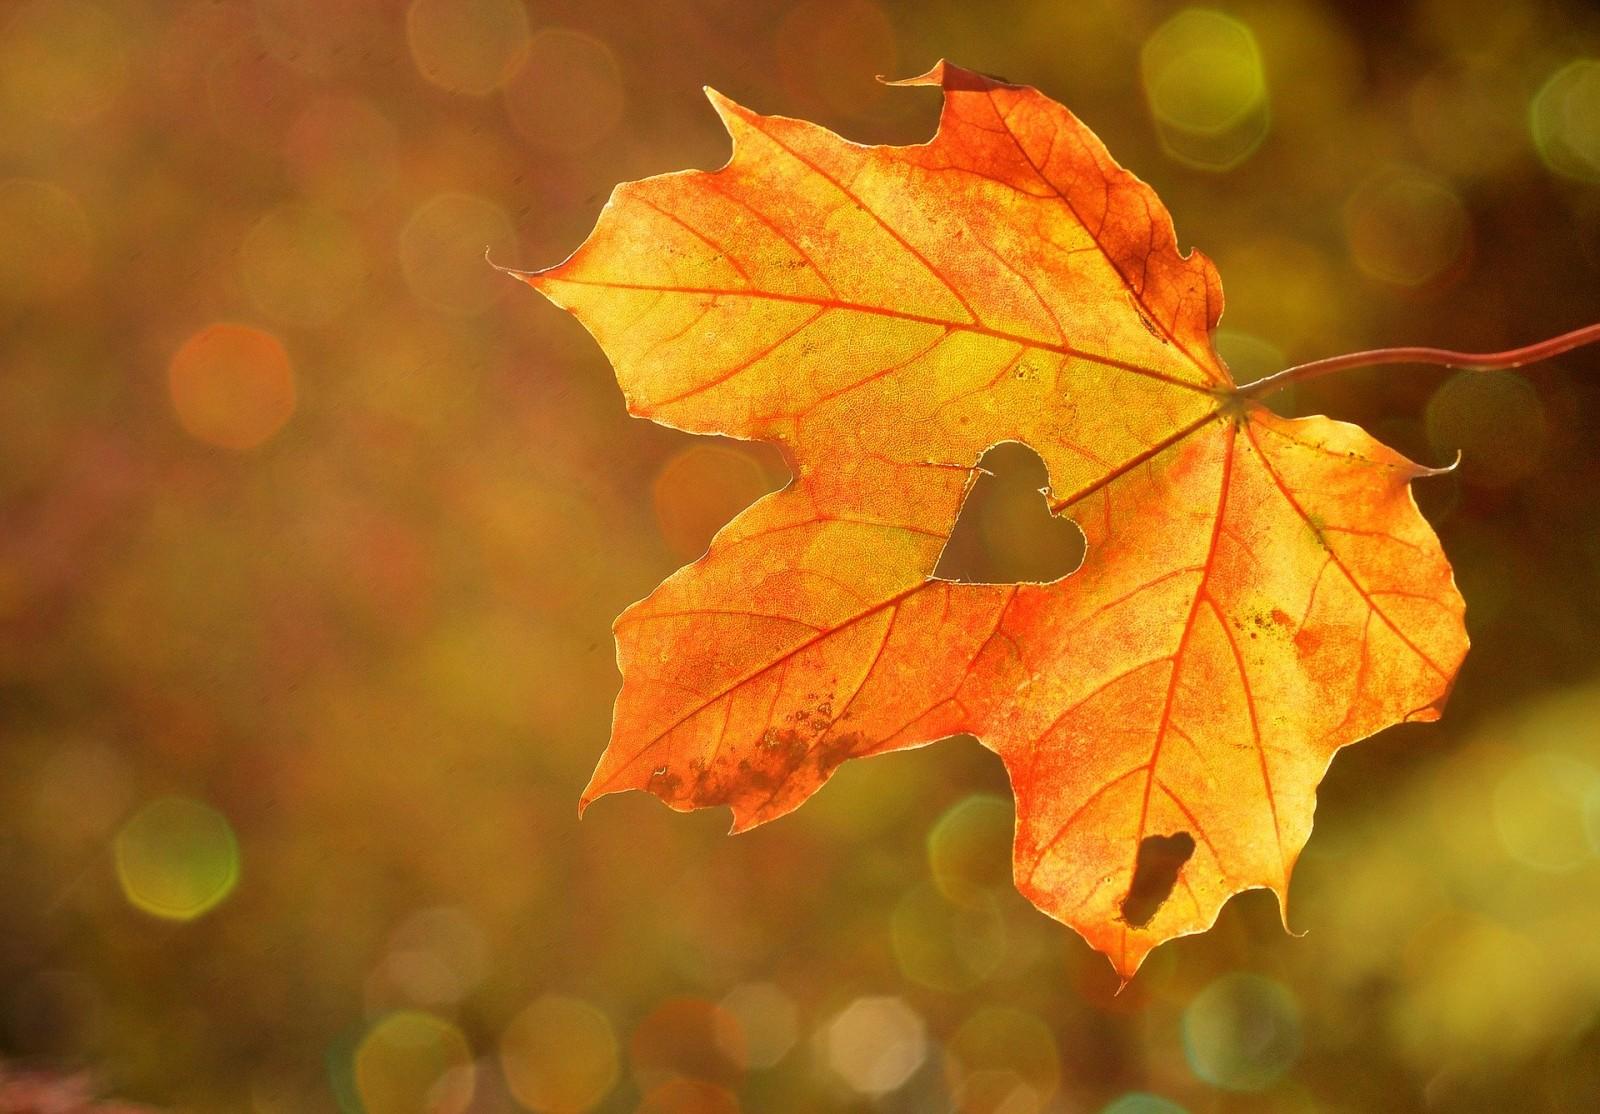 Foto van 'Vier de herfst' zintuigenwandeling bij zonsopkomst